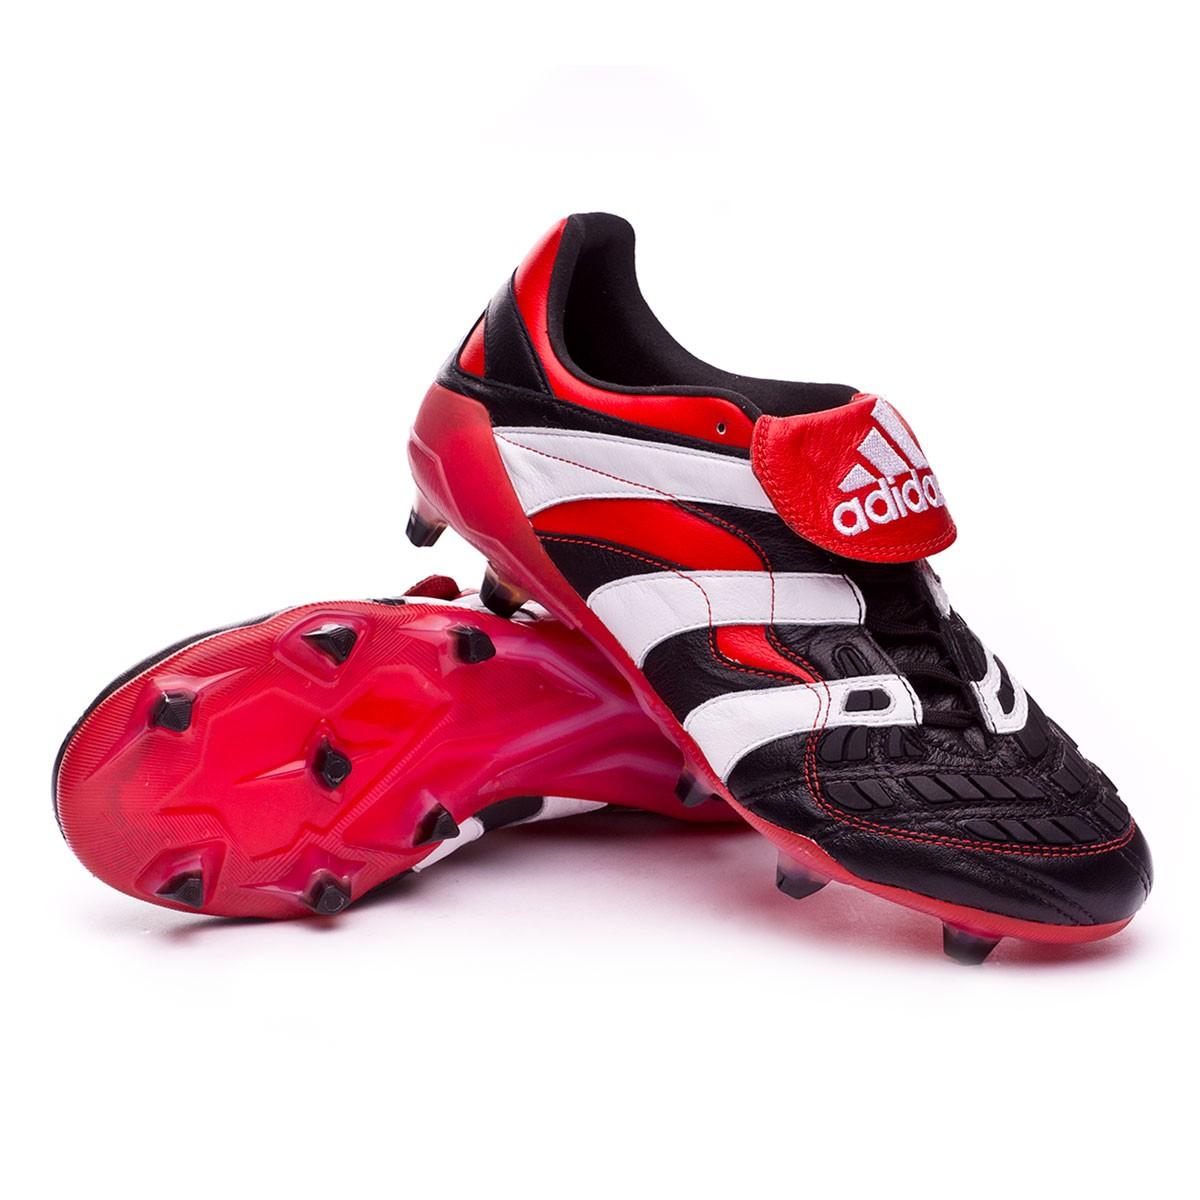 df4e5bcc996a Football Boots adidas Predator Accelerator FG Black - Tienda de ...